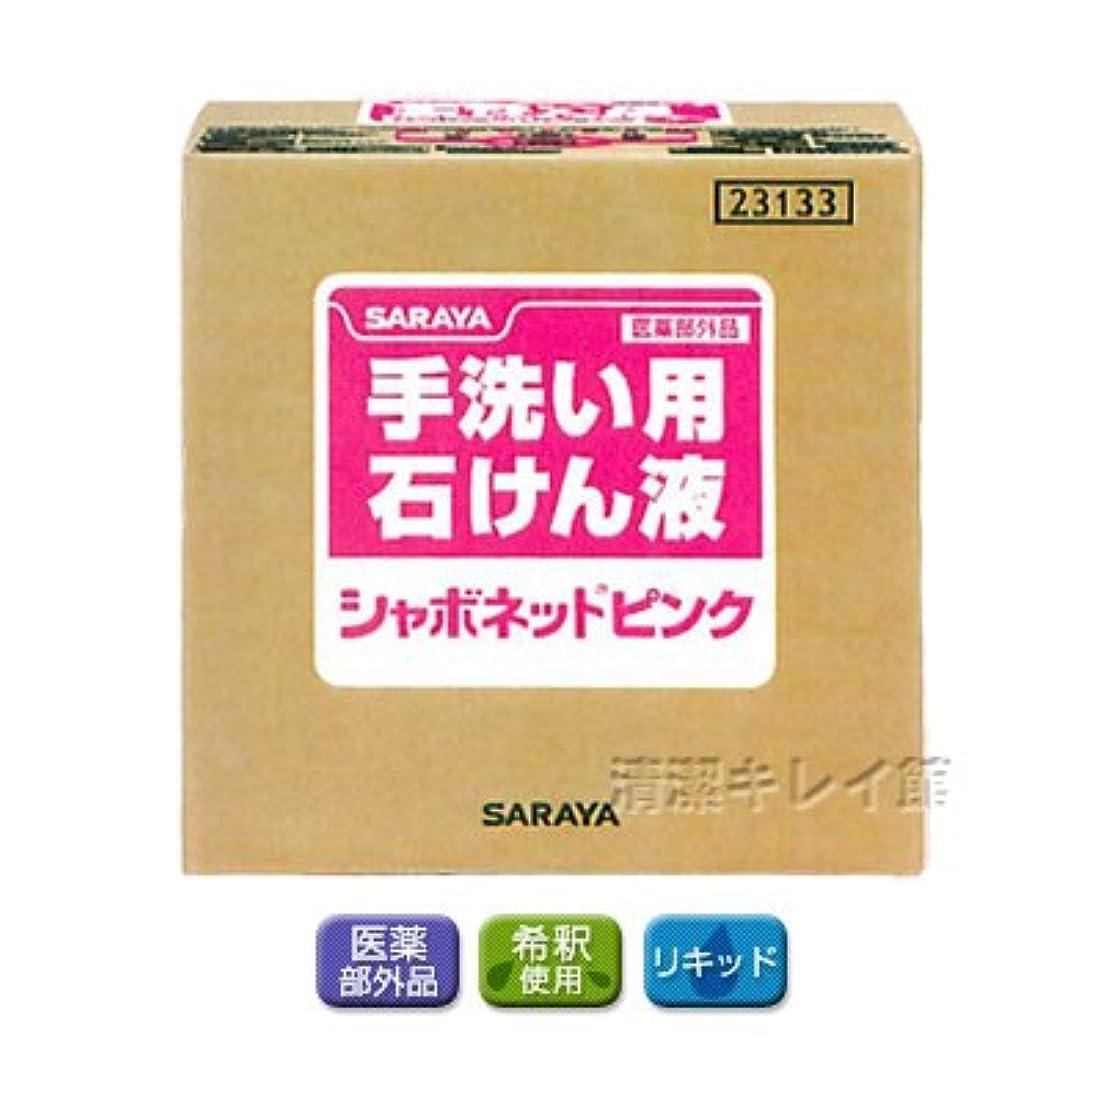 許可兵隊マット【清潔キレイ館】サラヤ シャボネットピンク(20kg)